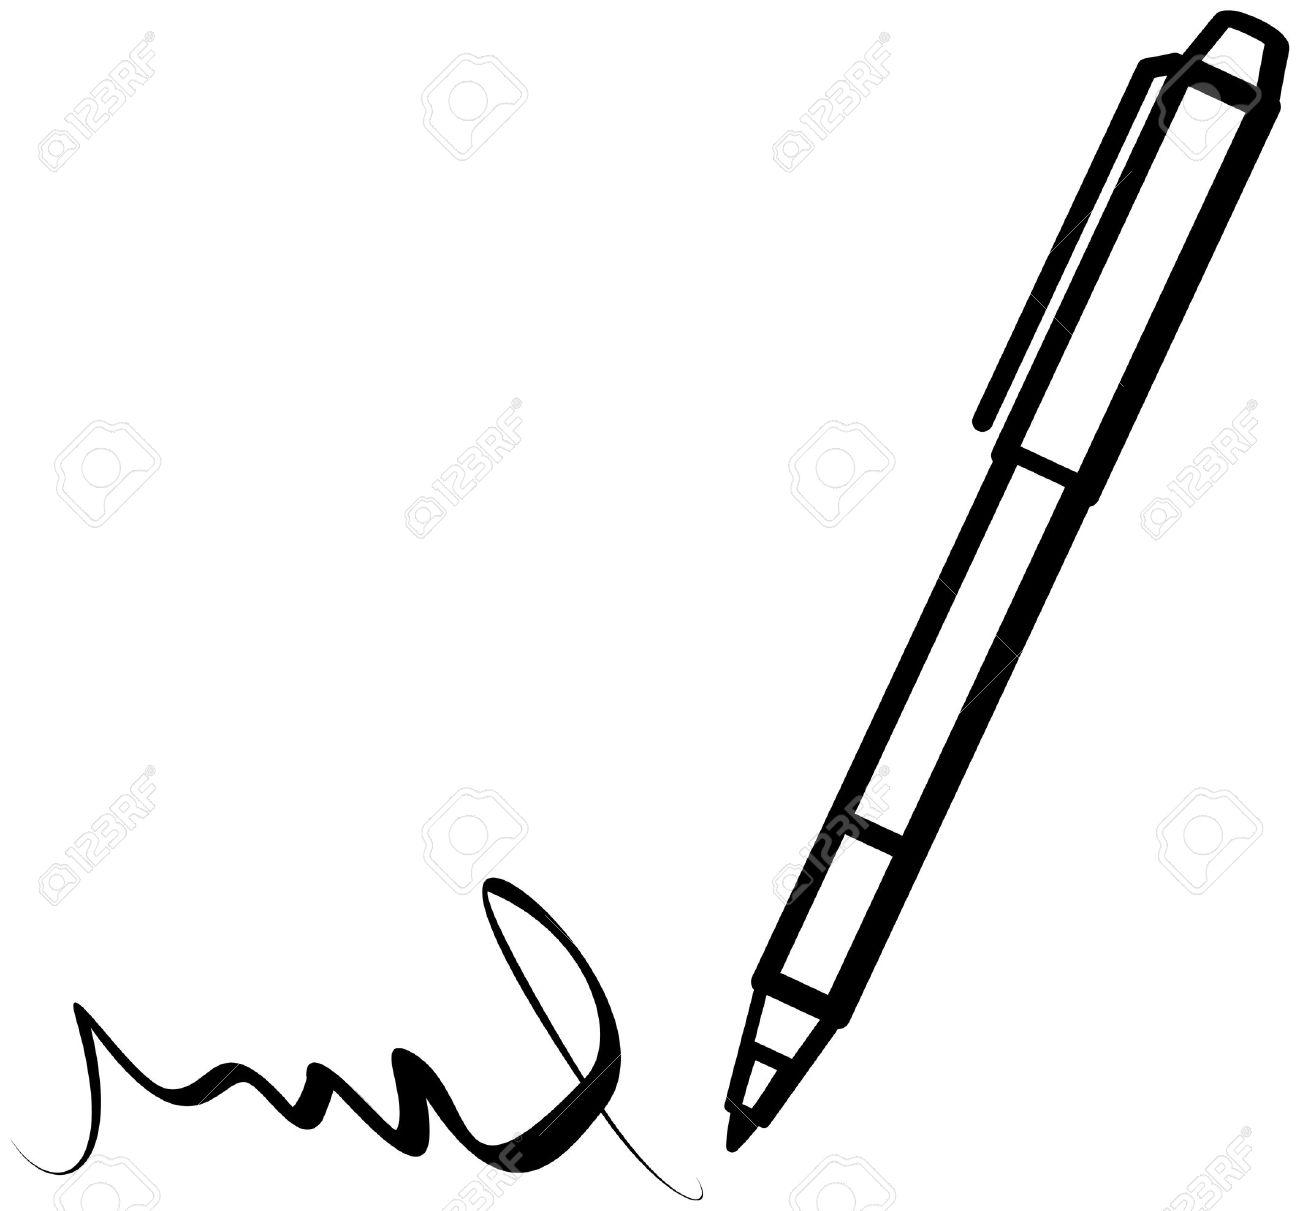 Signatures clipart #4